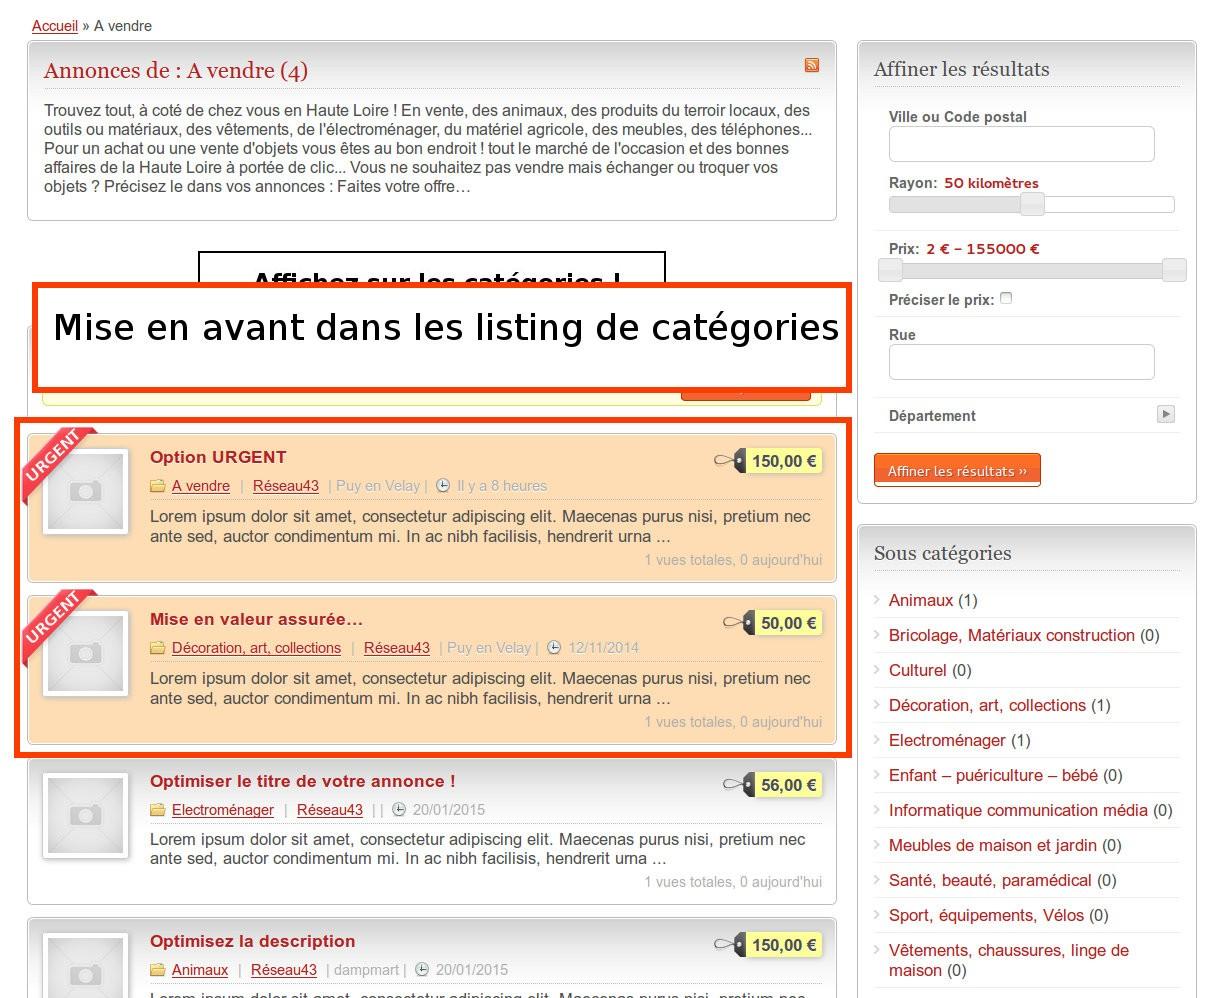 Petites annonces en Haute Loire URGENT-categories